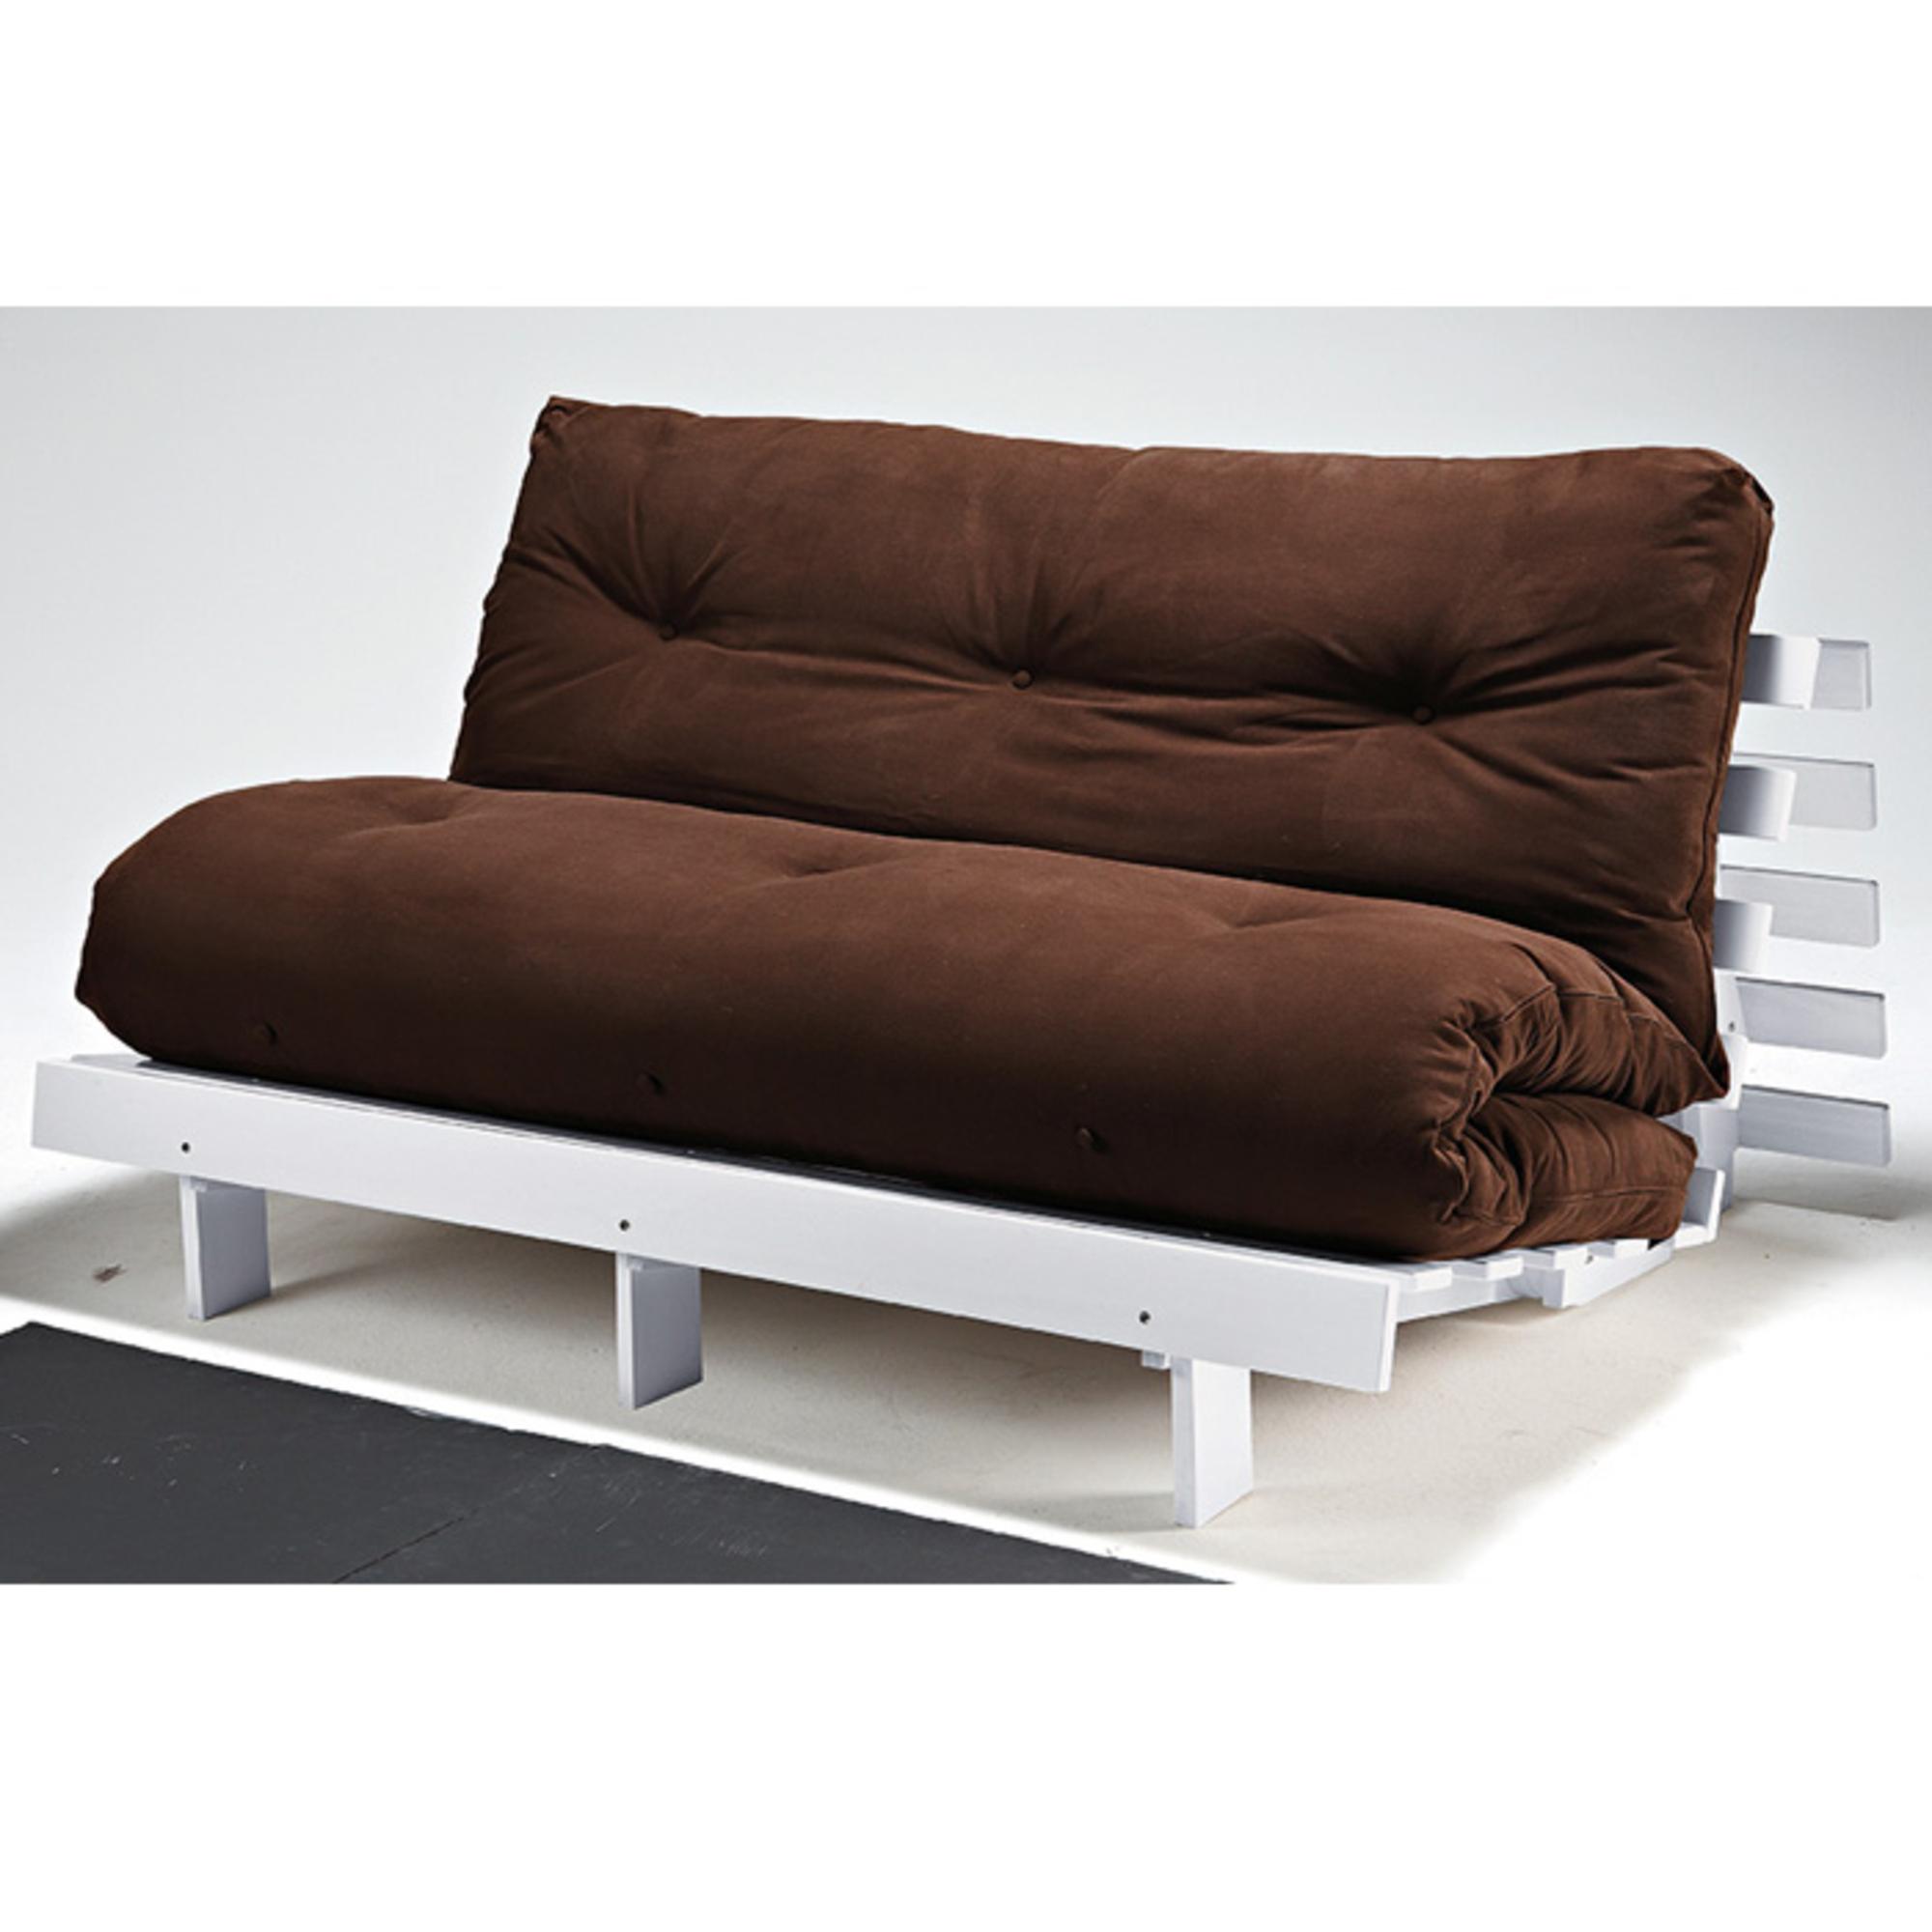 matelas futon 140 cm pour structure scott chocolat anniversaire 40 ans acheter ce produit. Black Bedroom Furniture Sets. Home Design Ideas